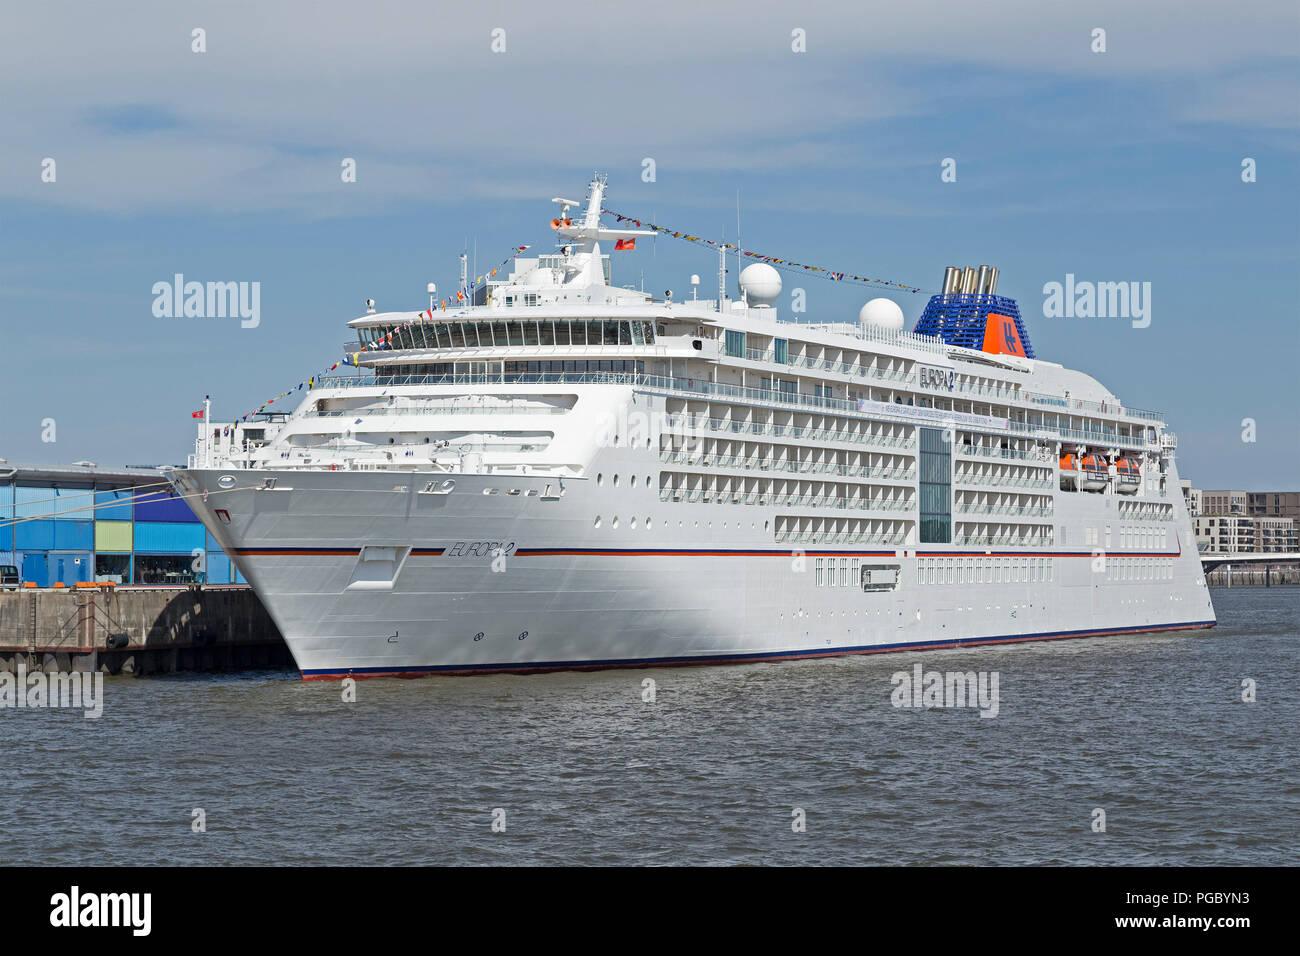 cruise ship Europa 2, HafenCity (Harbour City), Hamburg, Germany - Stock Image